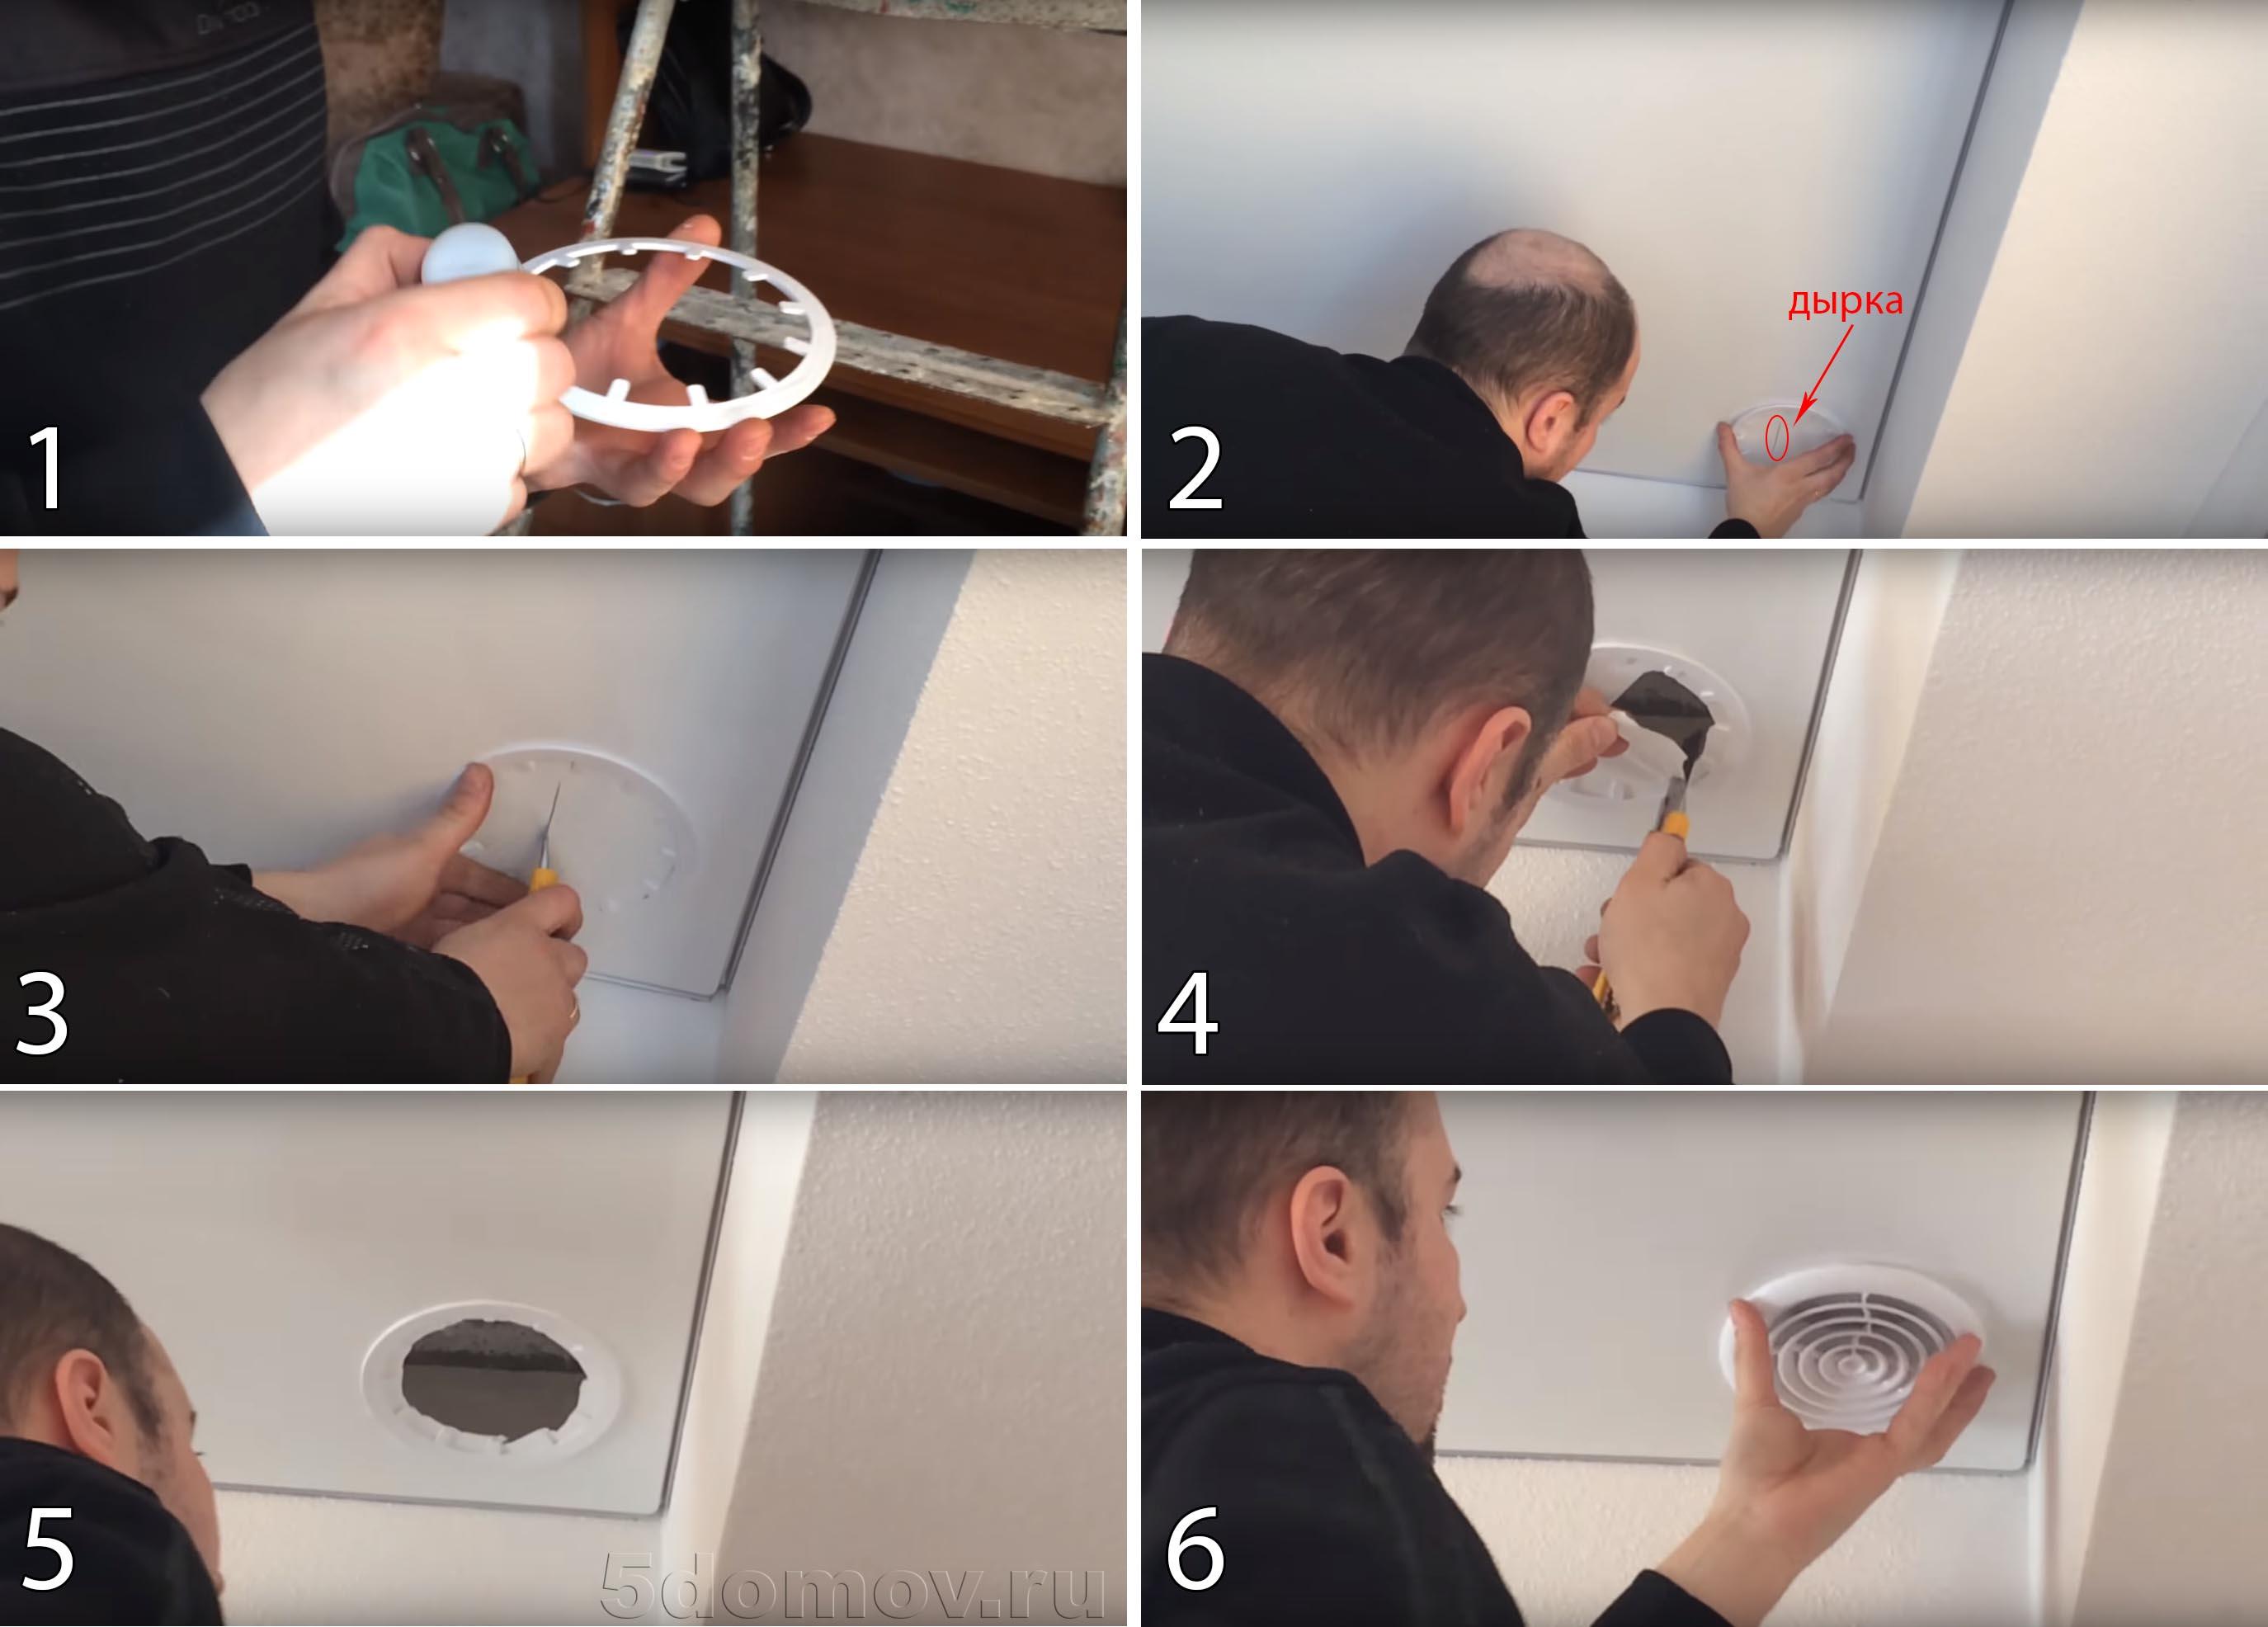 Заделывание дырки натяжного потолка: прикрытие места разрыва вентиляционной решеткой.